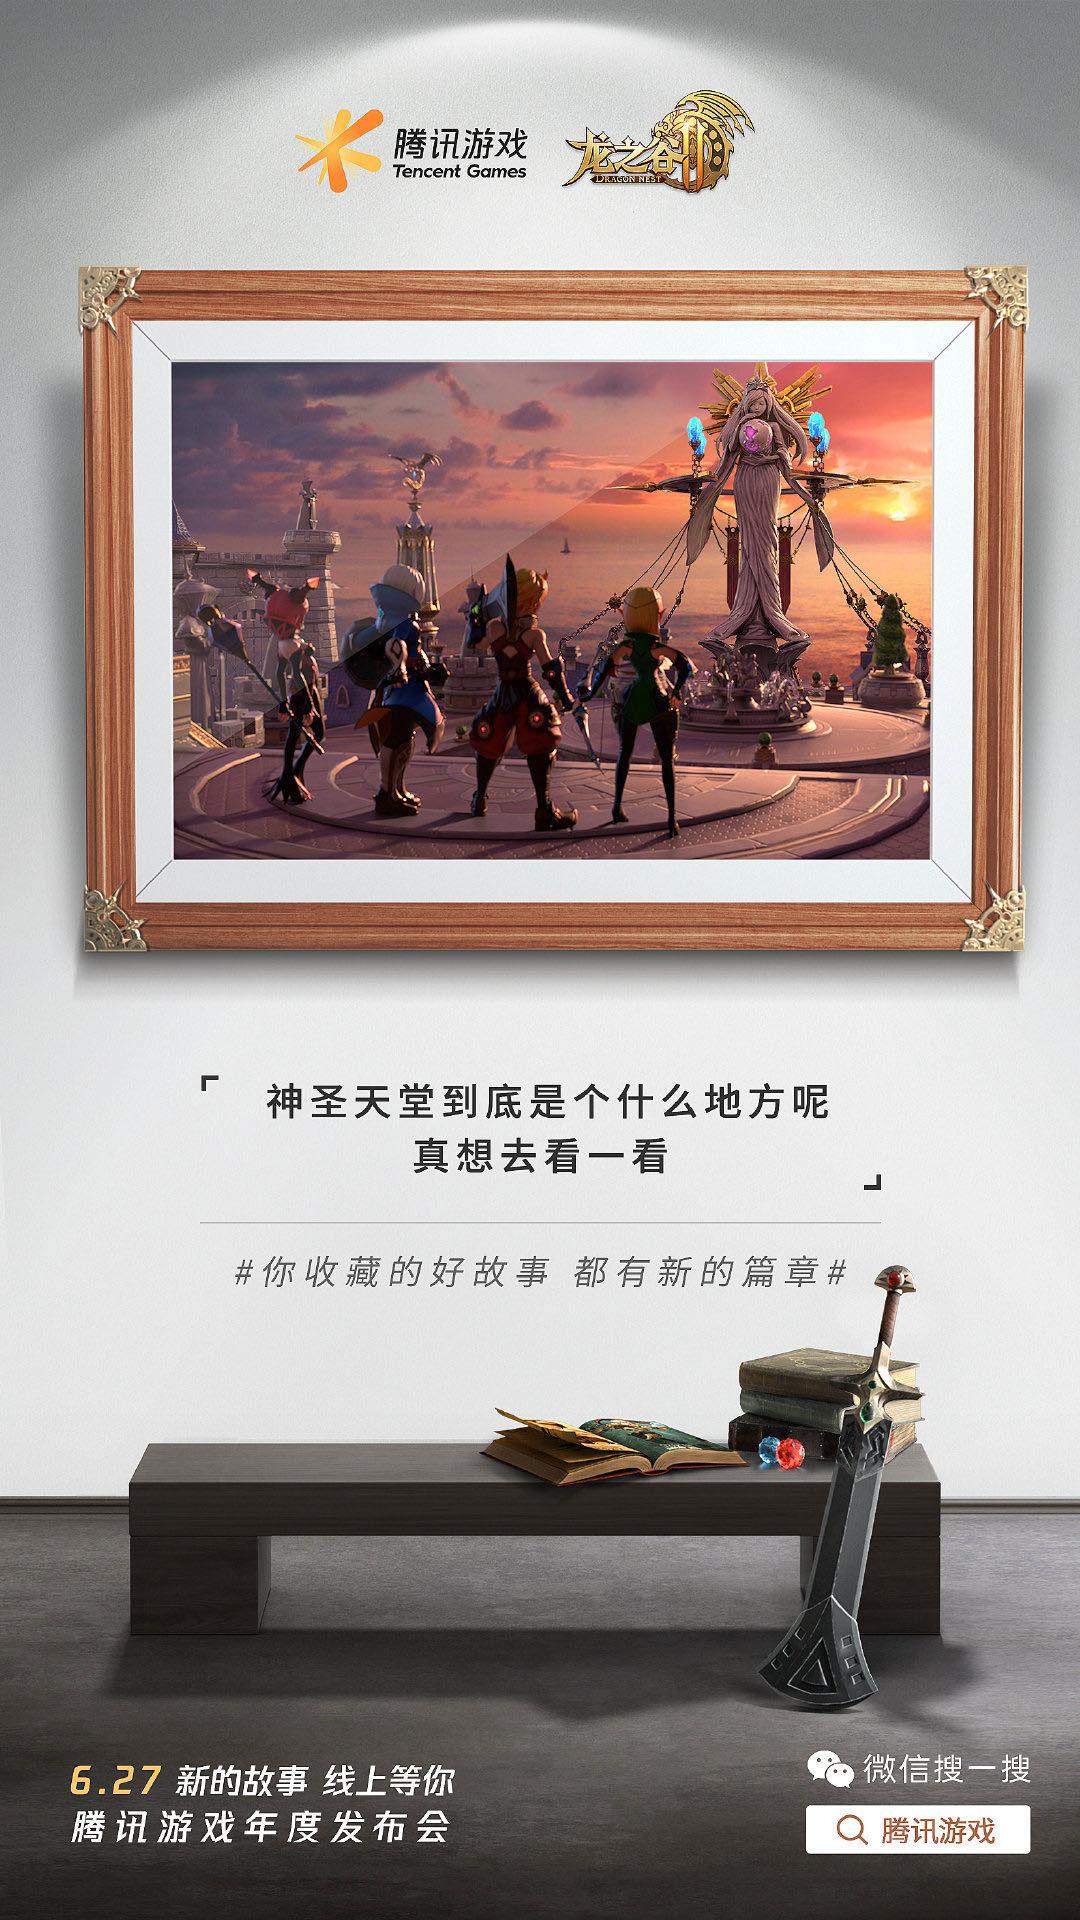 《龙之谷2》亮相腾讯6·27游戏发布会 代言人周深